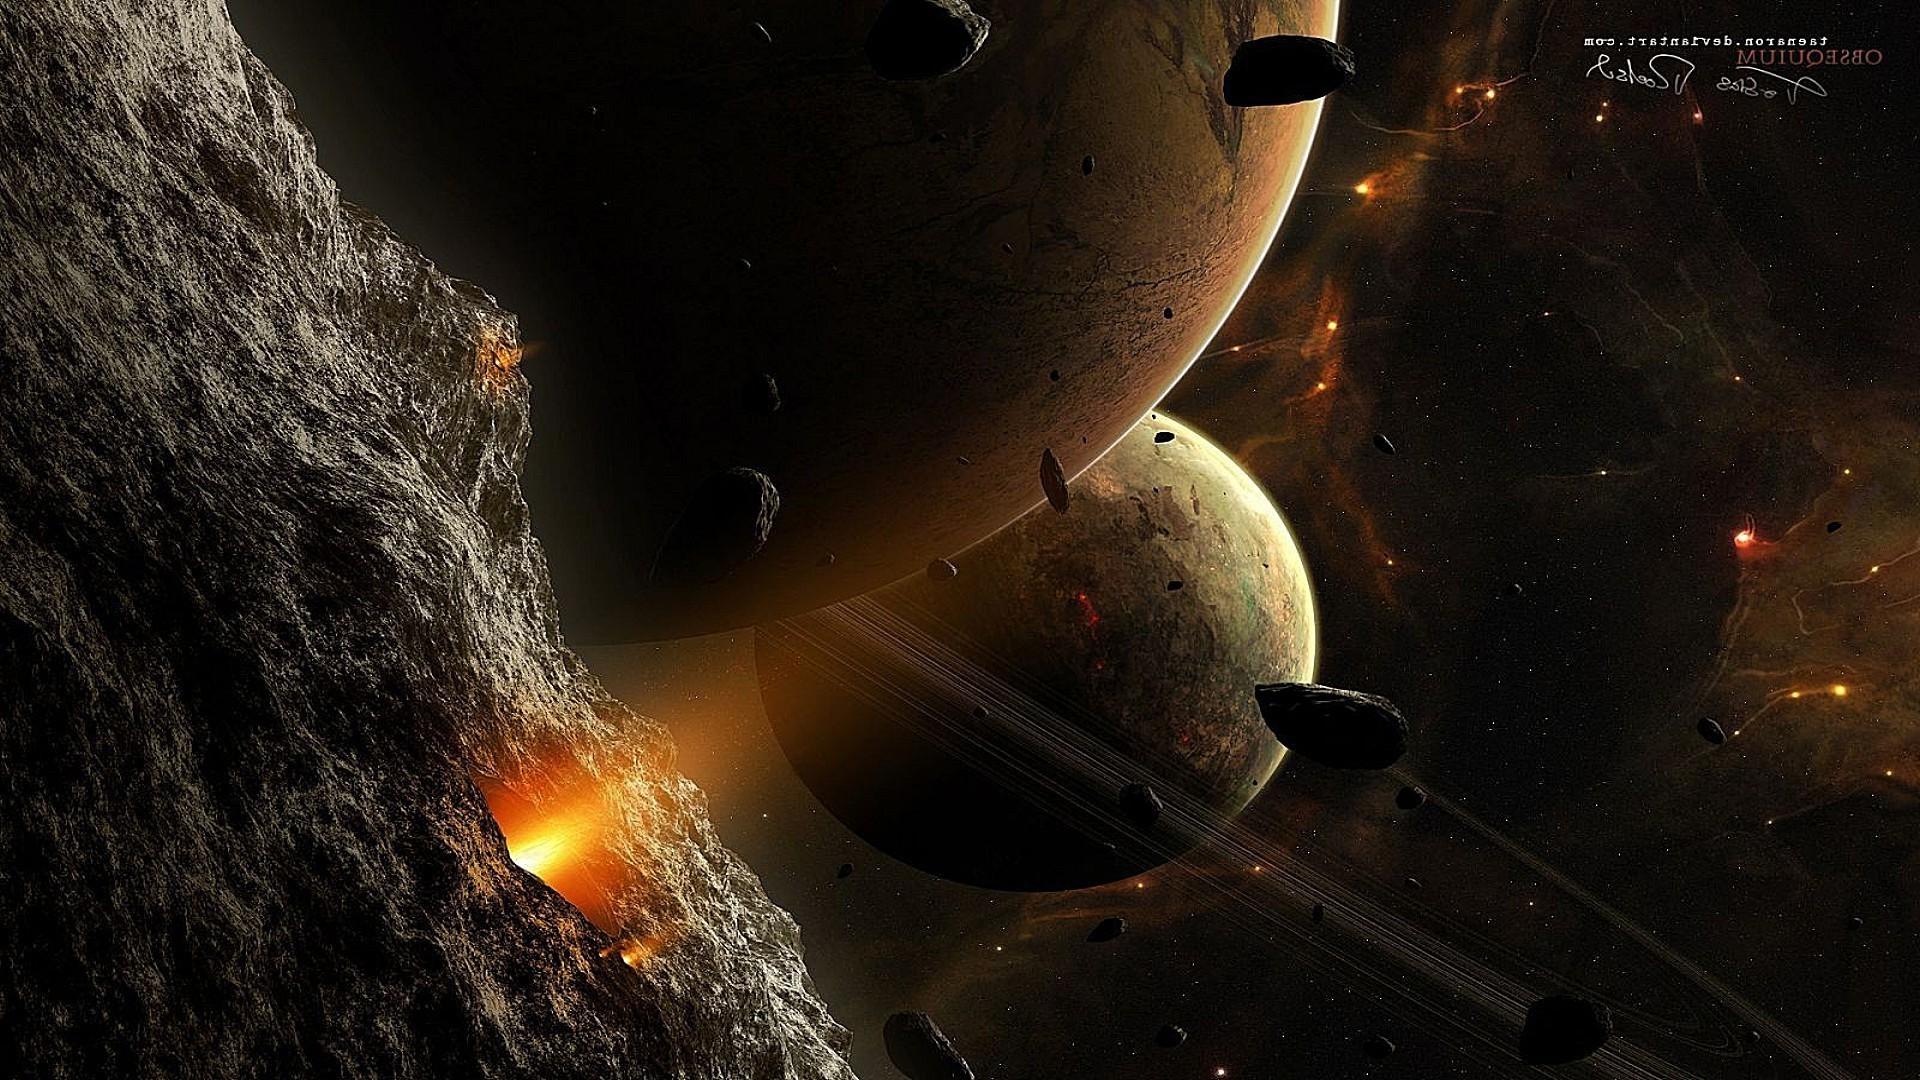 обои для рабочего стола космос метеориты № 610684  скачать